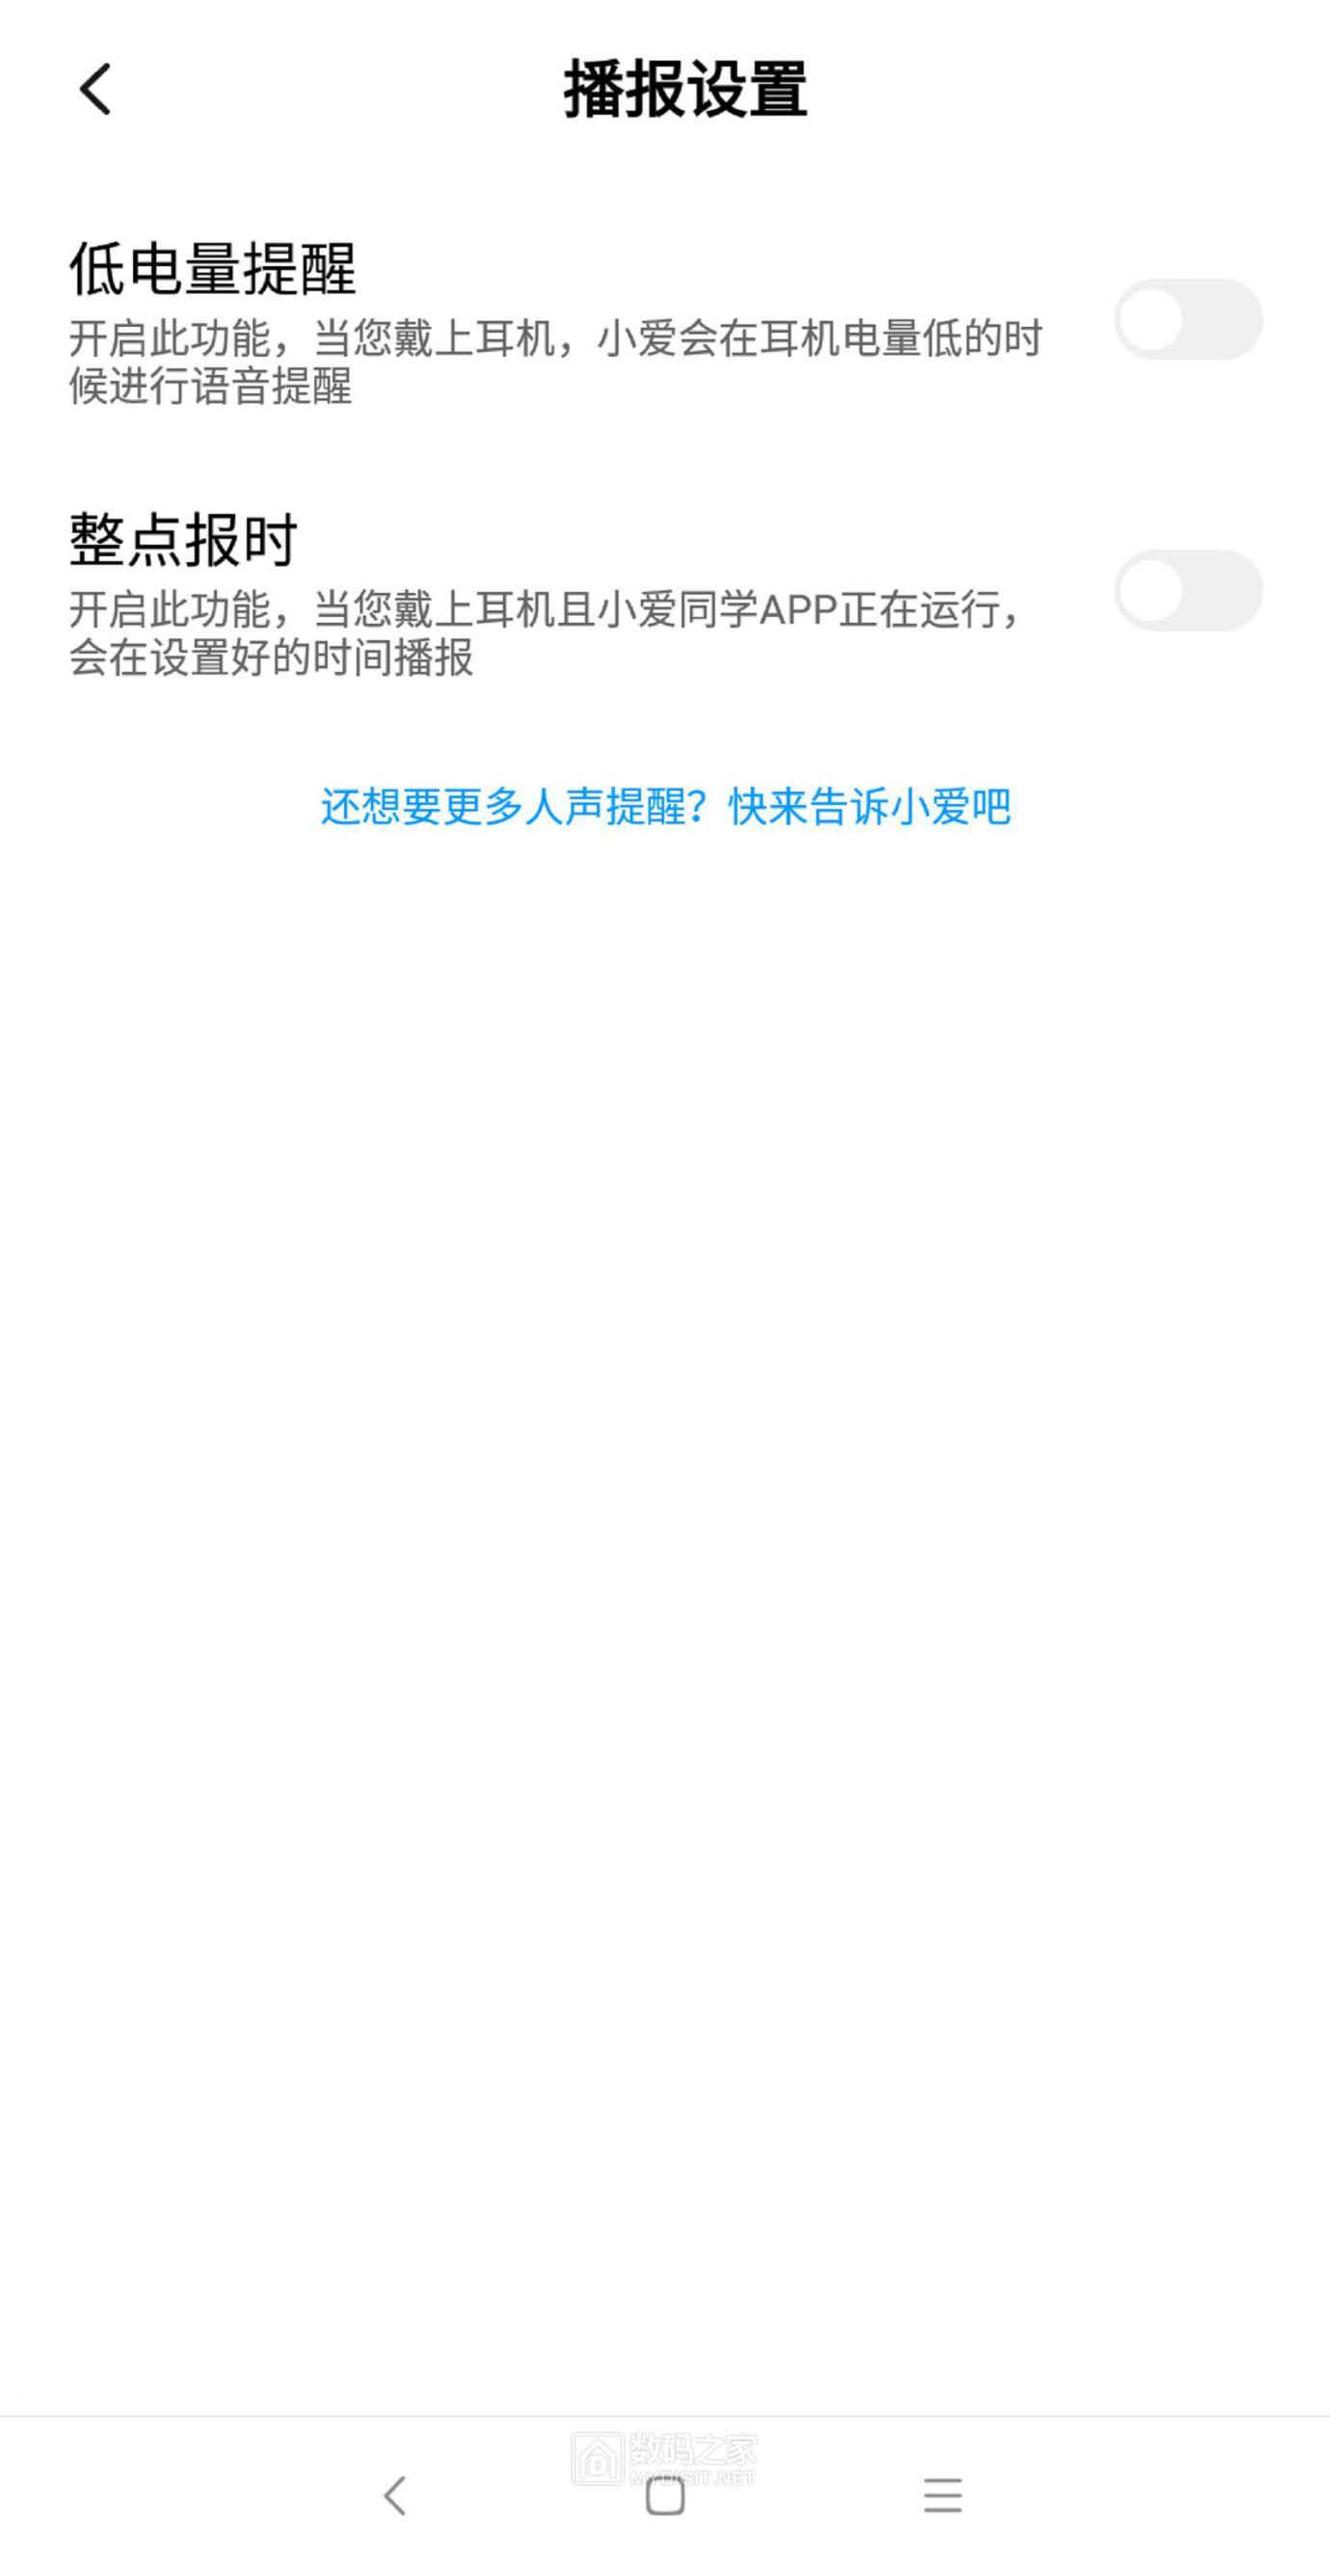 Screenshot_2021-04-16-19-39-01-017_com.xiaomi.xiaoailite.jpg